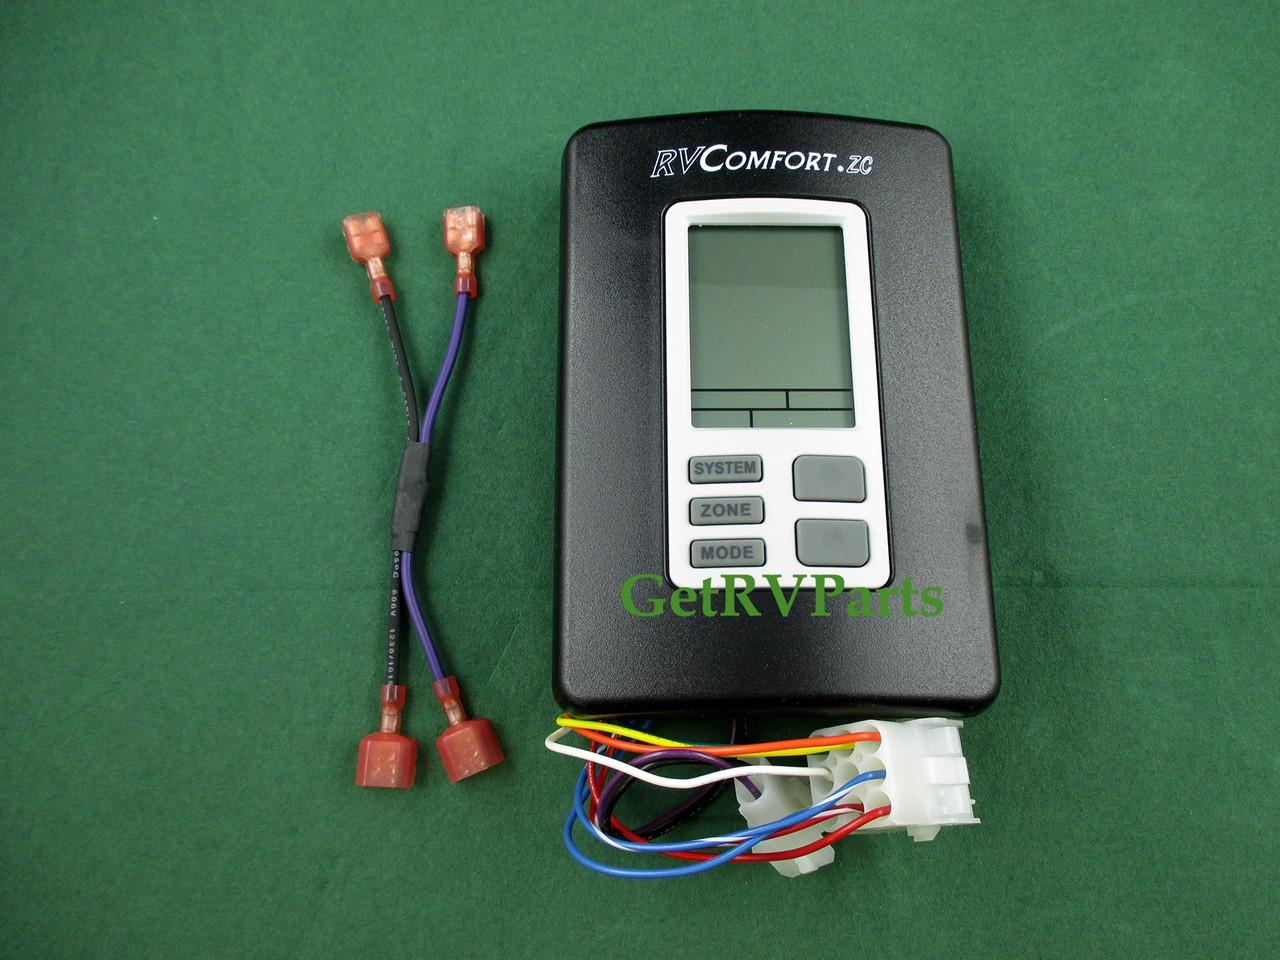 Rv Comfort Zc Thermostat Wiring Diagram Wiring Diagram Schematics